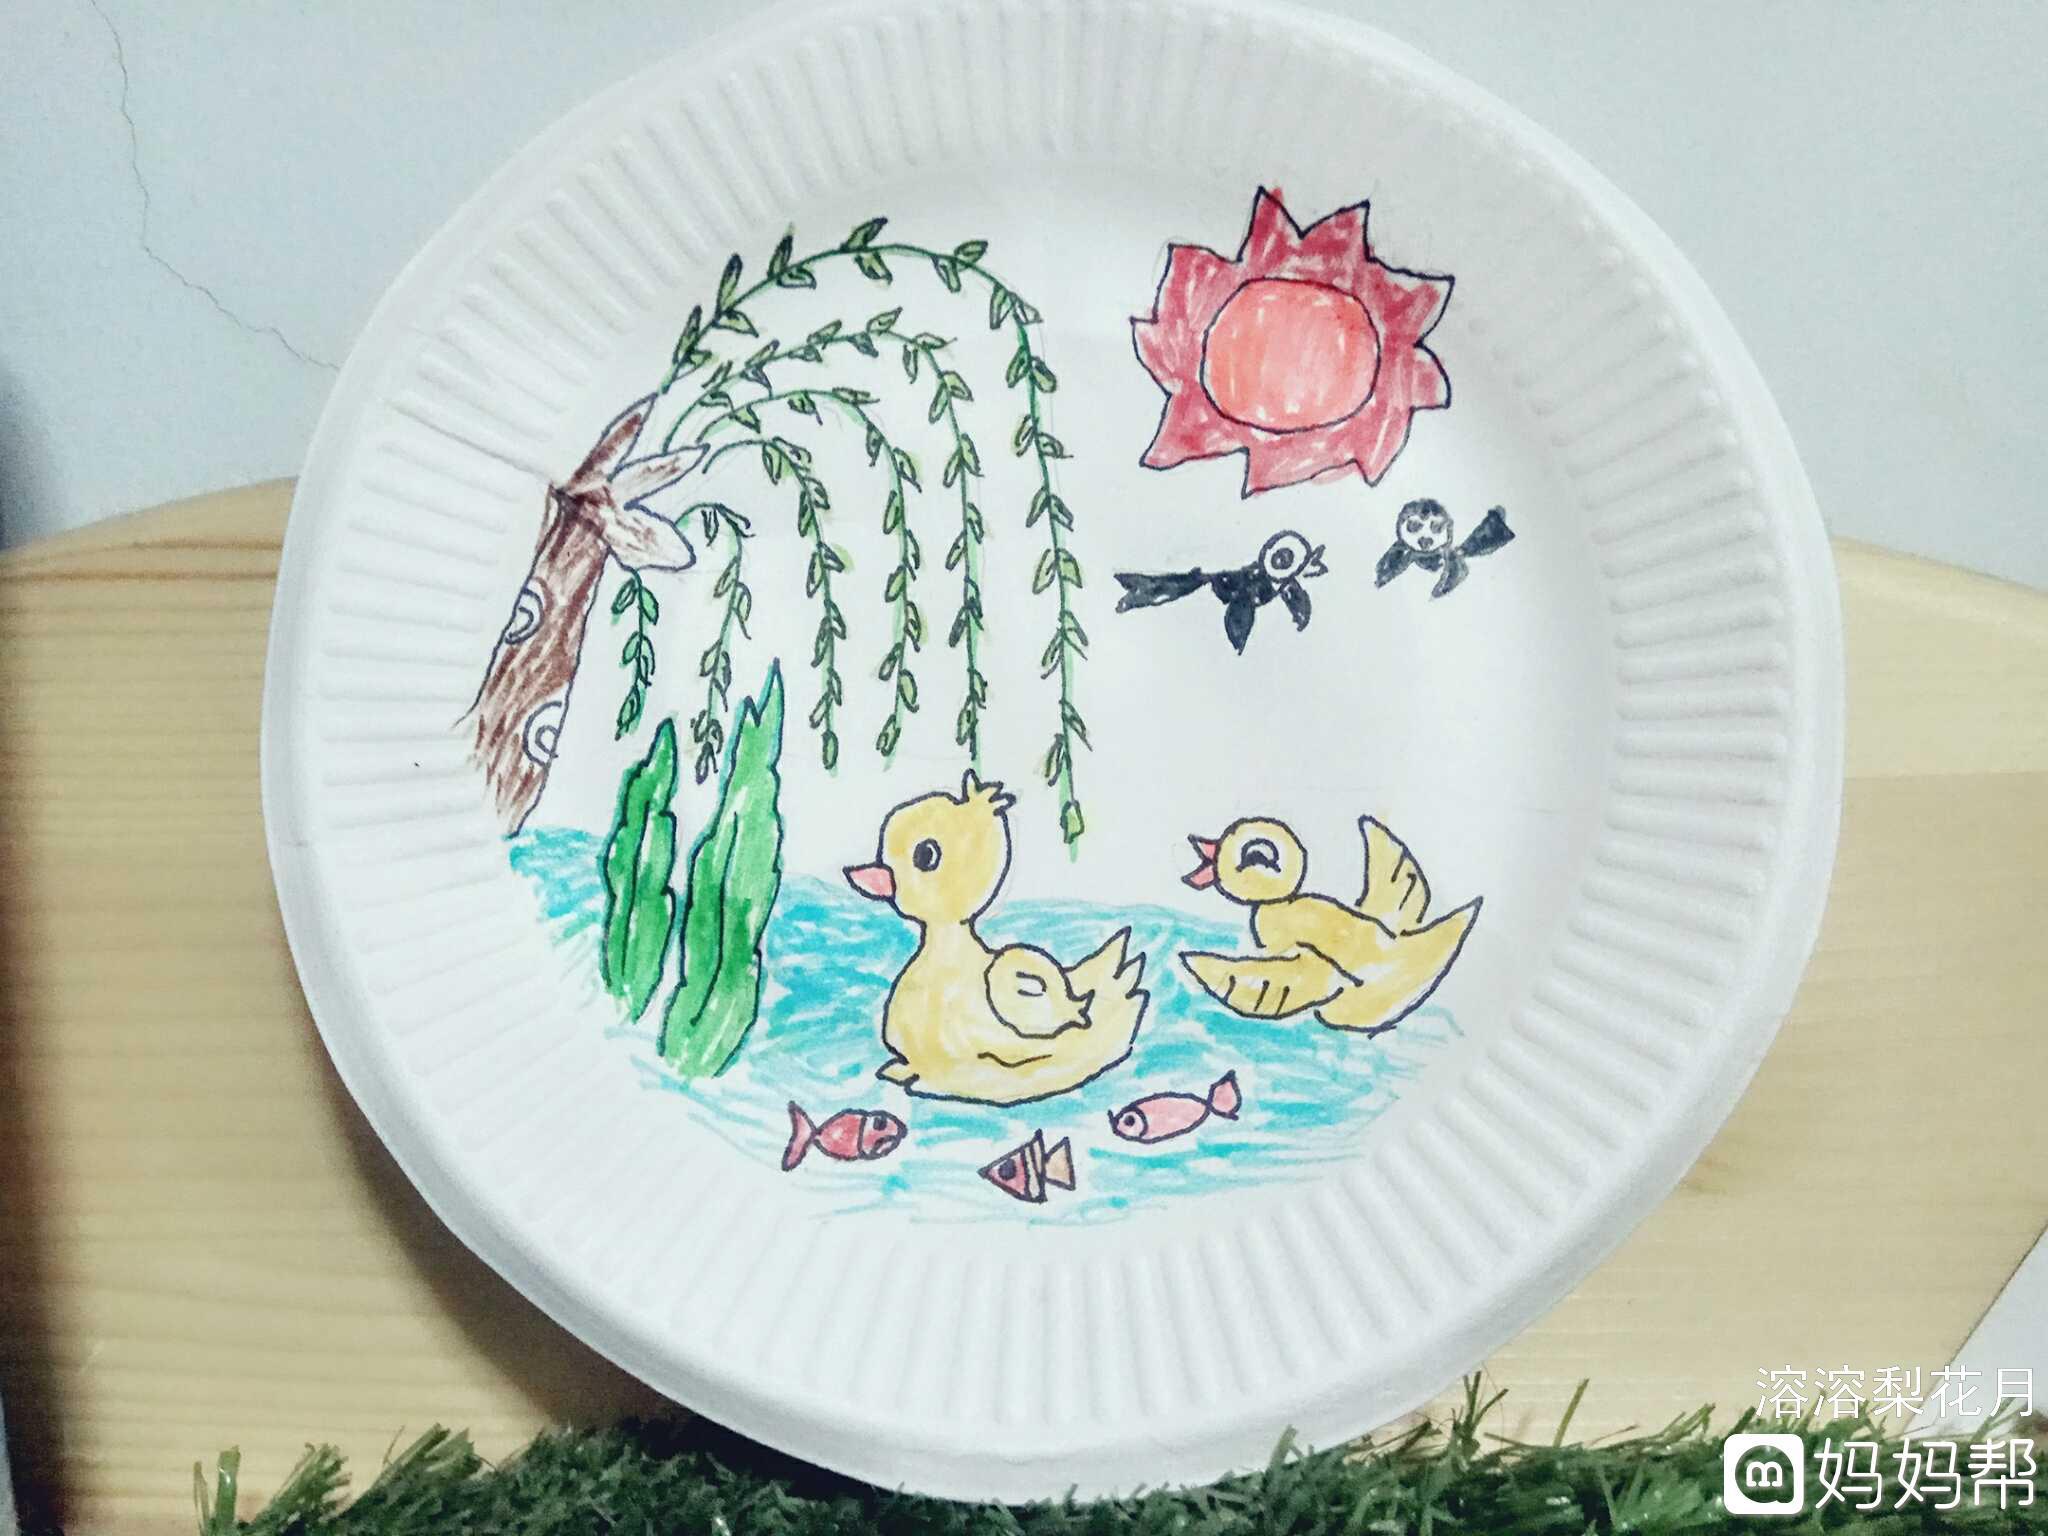 幼儿园的作业-画一幅关于春天的